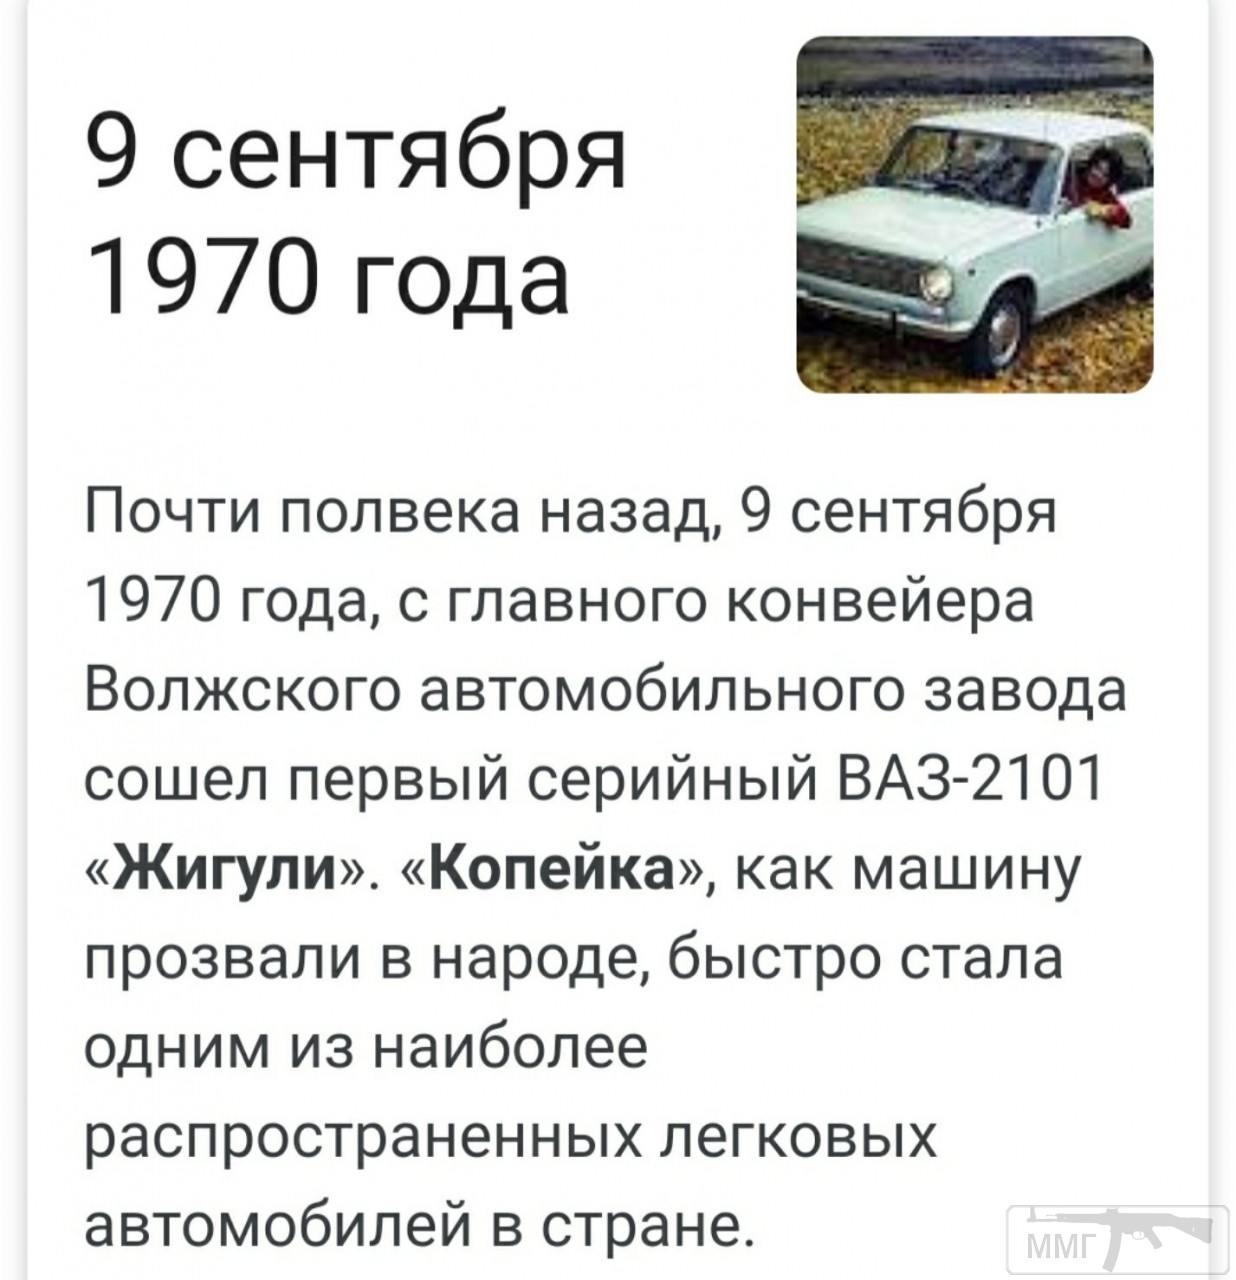 111632 - Автолюбитель...или Шофер. Автофлудилка.